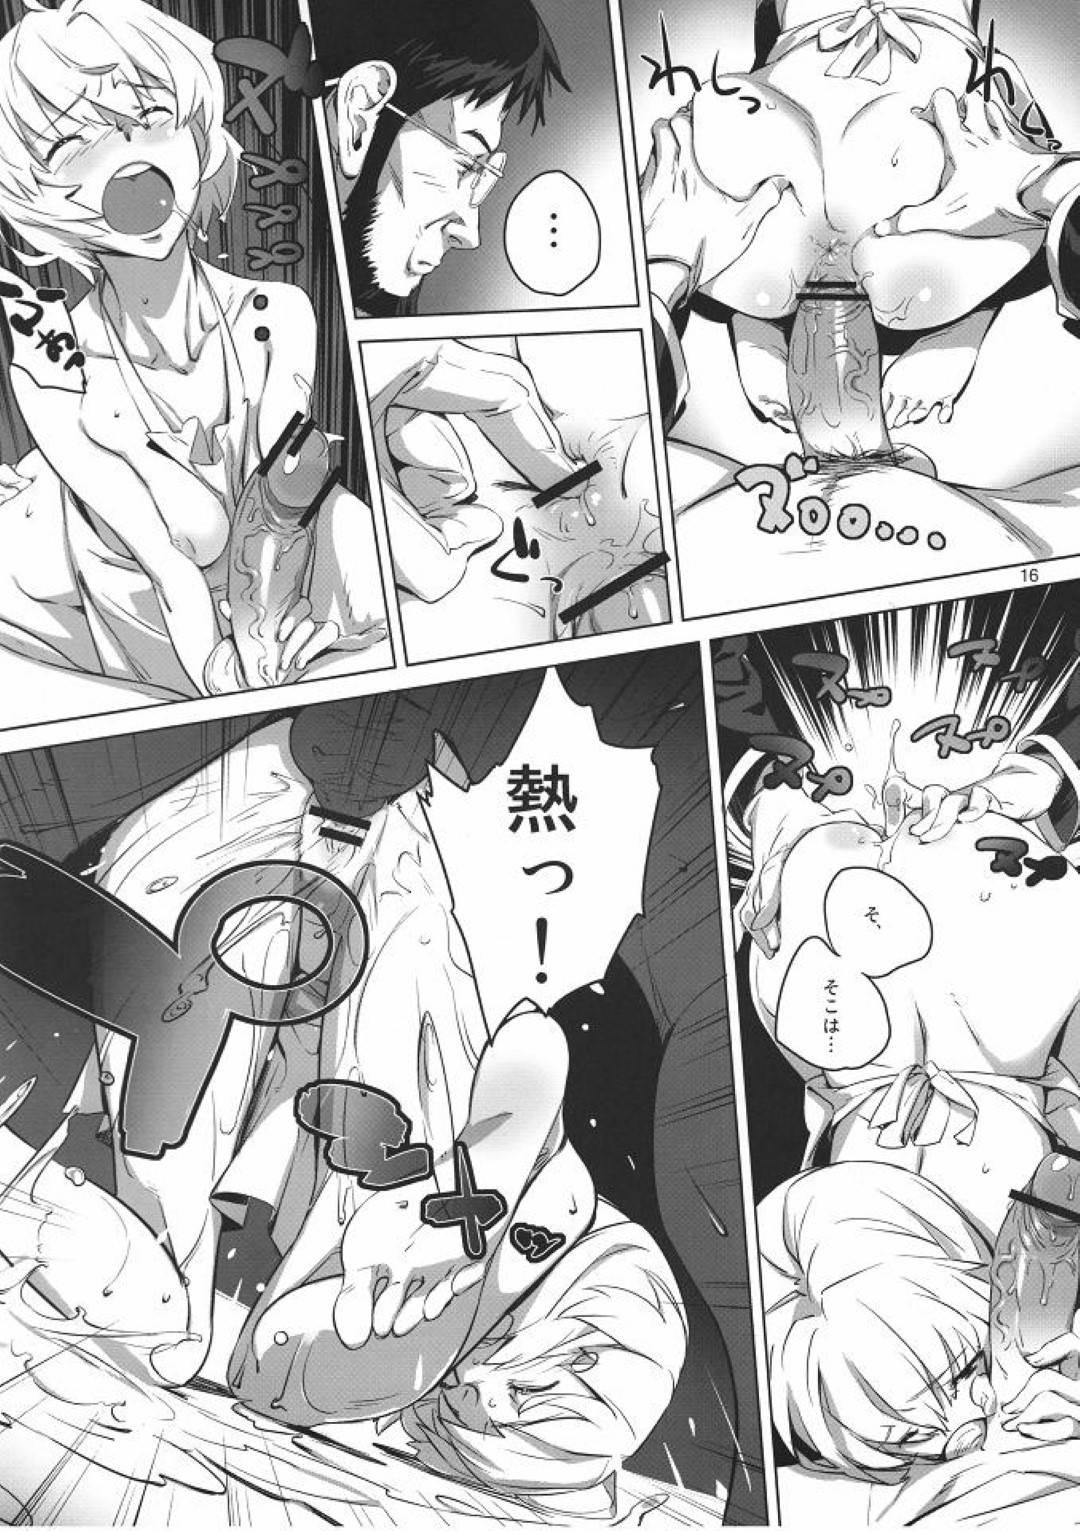 【エロ漫画】【エロ漫画】怪しい茸を食べて狂ってしまい、シンジをフェラしながらゲンドウにバックで犯され感じまくる綾波…膣内中出しされたあと、ゲンドウにアナルファックされたシンジを逆レイプして3p連結親子丼セックスし全員絶頂する【sonote:HaMiTa】